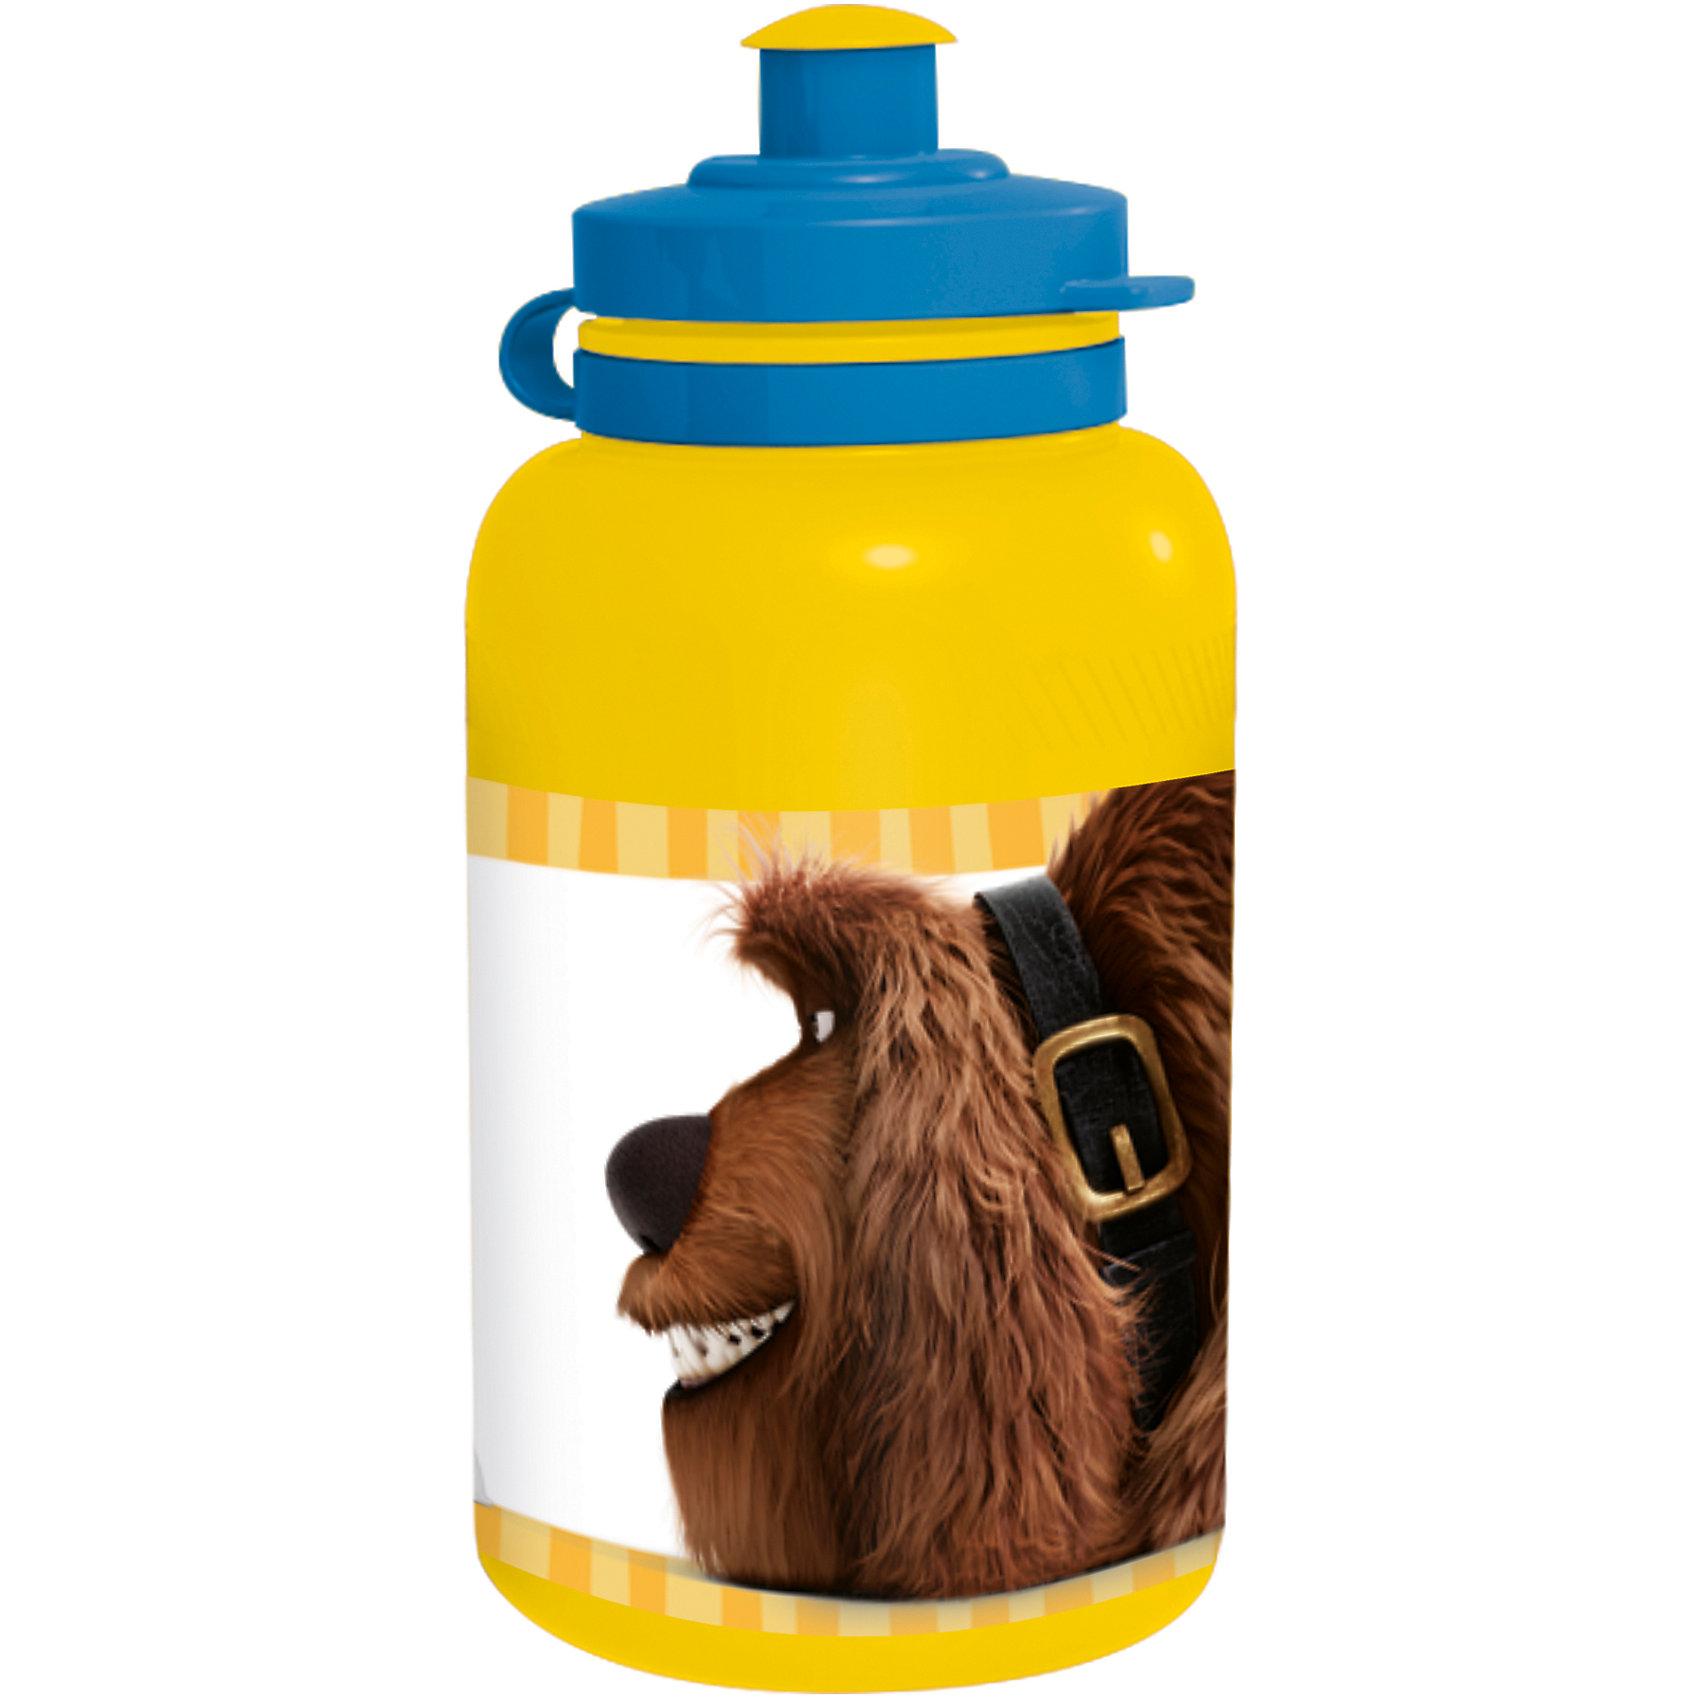 Бутылка пластиковая Тайная жизнь домашних животных 400 млХарактеристики товара:<br><br>• материал: пластик<br>• украшена рисунком<br>• размер: 6,5х6,5х15 см<br>• вес: 40 г<br>• объем: 400 мл<br>• страна бренда: Испания<br>• страна производства: Китай<br><br>Такая бутылка станет отличным подарком для ребенка! Она отличается тем, что на предмете изображены персонажи из мультфильма Тайная жизнь домашних животных. Есть или пить из предметов с любимым героем многих современных детей - всегда приятнее. Бутылочка очень удобна, объем оптимален для детей, сюда как раз вместится необходимый для одной тренировки объем воды. Плюс - изделие дополнено специальной крышкой. Использовать его можно и в школе, и на улице!<br>Бутылка выпущена в удобном формате, размер - универсальный. Изделие производится из качественных и проверенных материалов, которые безопасны для детей.<br><br>Бутылку пластиковую Тайная жизнь домашних животных 400 мл можно купить в нашем интернет-магазине.<br><br>Ширина мм: 65<br>Глубина мм: 65<br>Высота мм: 150<br>Вес г: 40<br>Возраст от месяцев: 36<br>Возраст до месяцев: 108<br>Пол: Унисекс<br>Возраст: Детский<br>SKU: 5282074